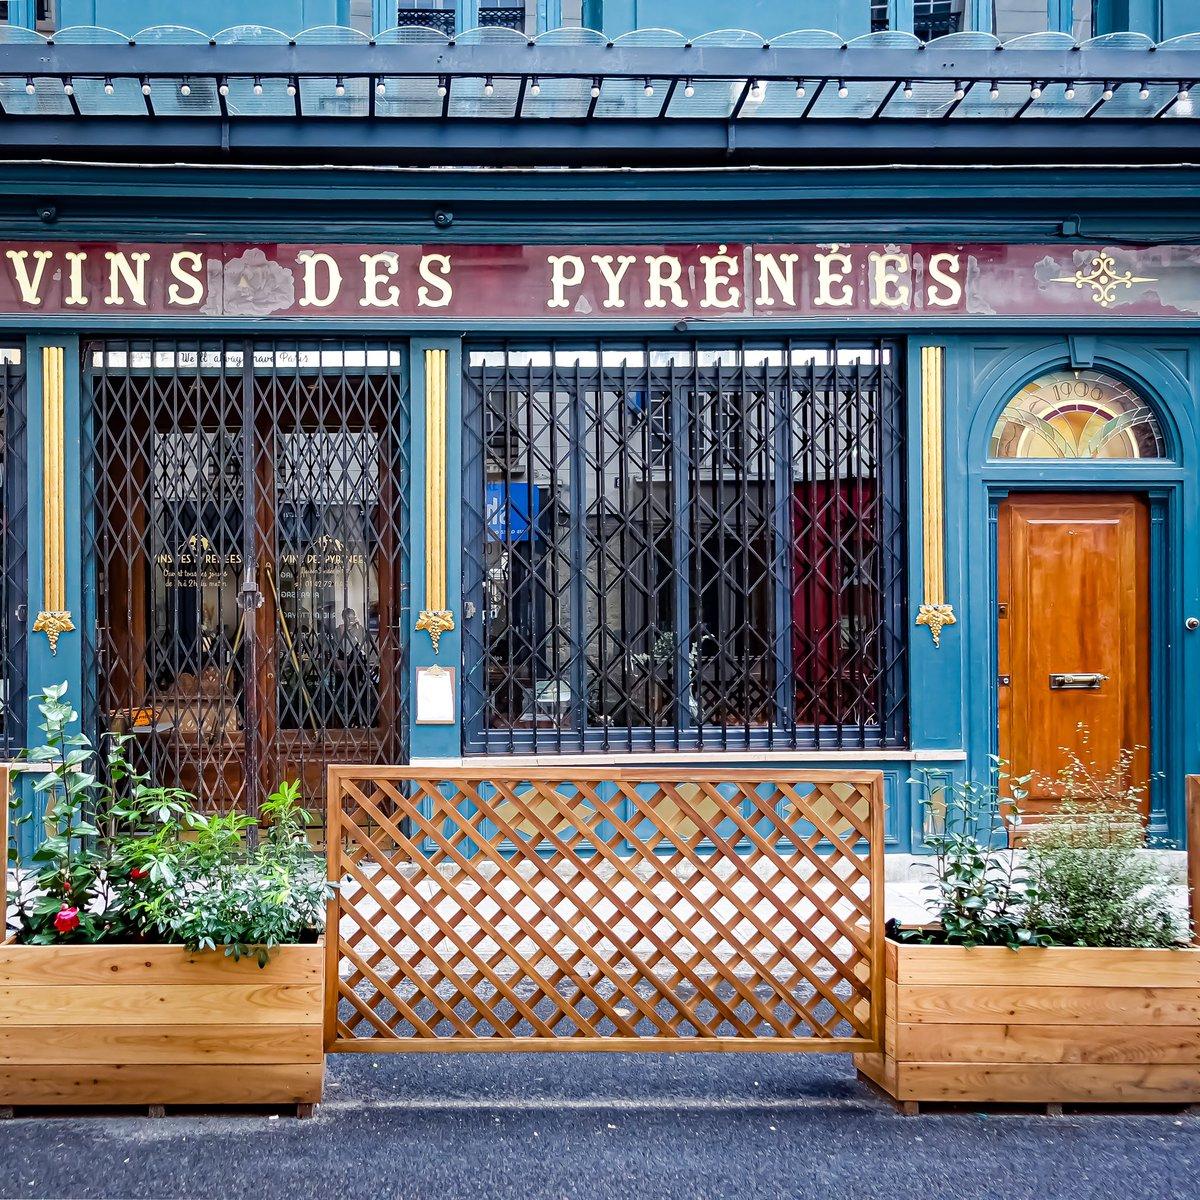 Le charme des devantures anciennes, Aux Vins des Pyrénées rue de Beautreillis, qui fut la cave à vins favorite de Jim Morrison à Paris   #parisladouce #paris #pariscartepostale #parisjetaime #pariscityguide #paris4 #streetsofparis #thisisparis #parismaville #marais